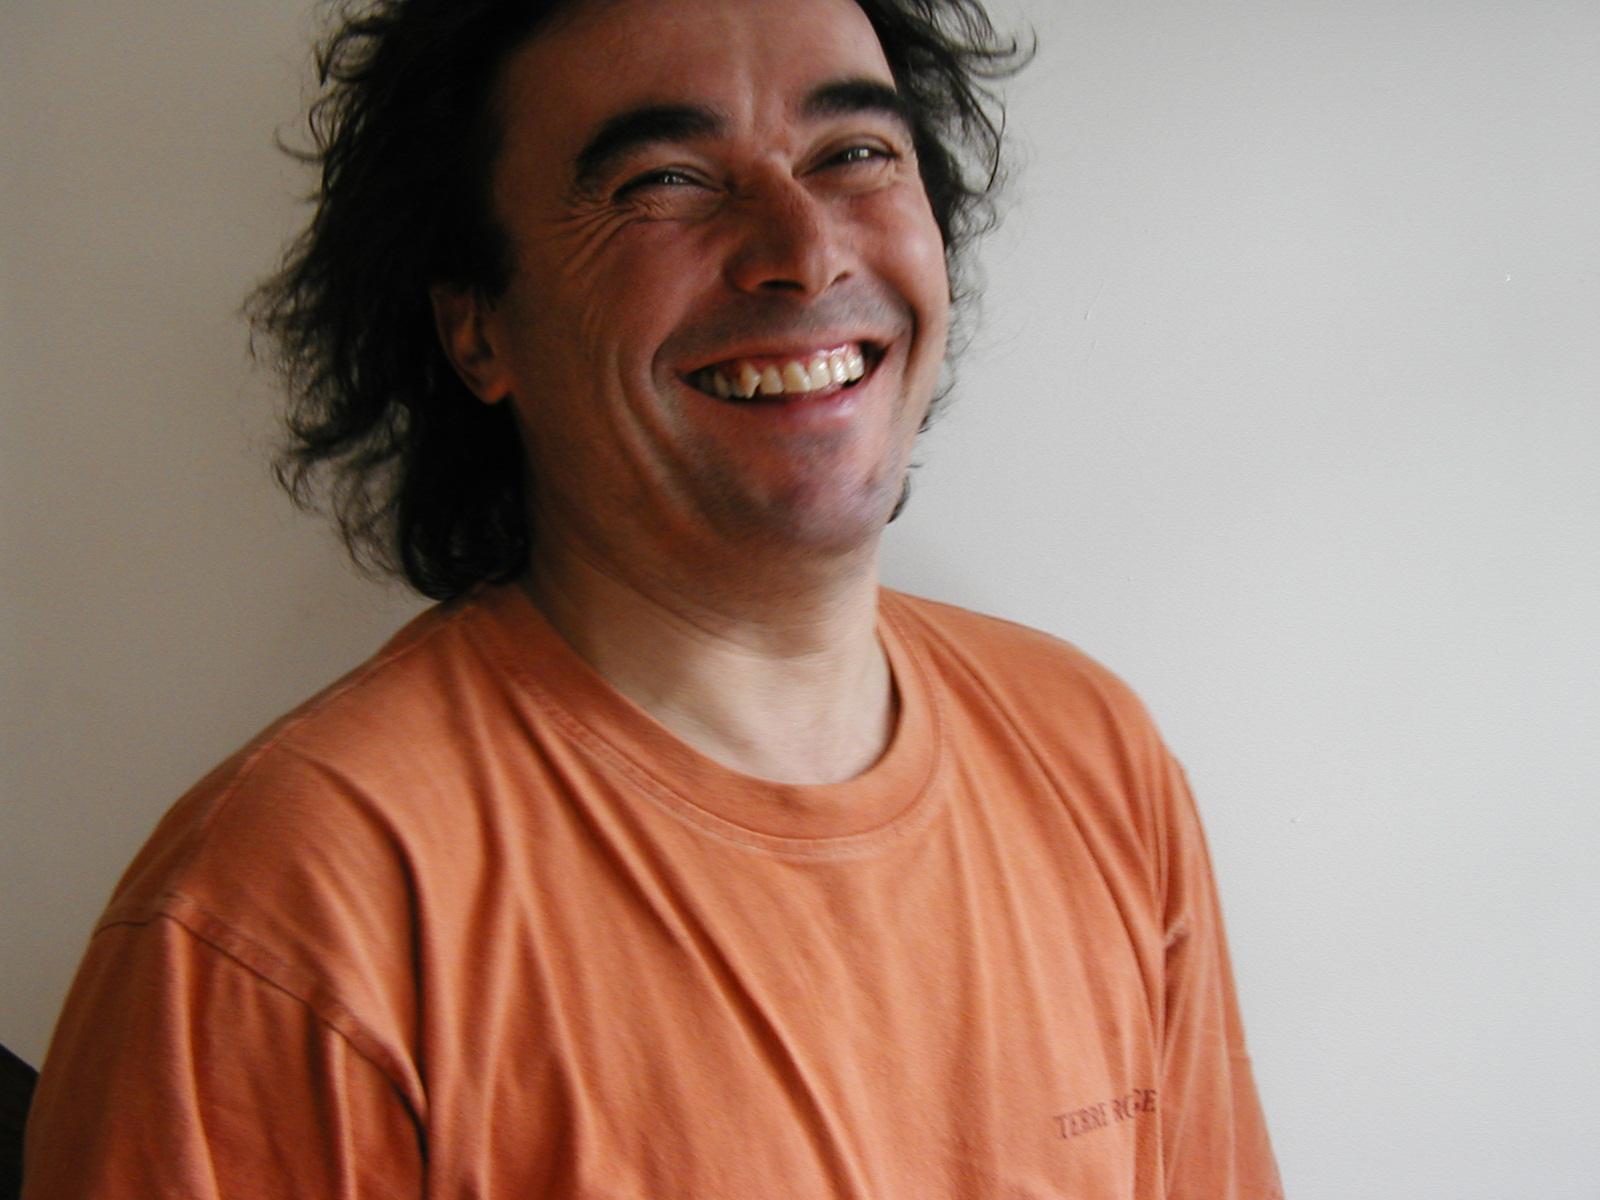 ... de Mine de Jazz qu'il rencontre Evans Gouno, <b>Bernard Prud</b>'homme-Lacroix, ... - A2